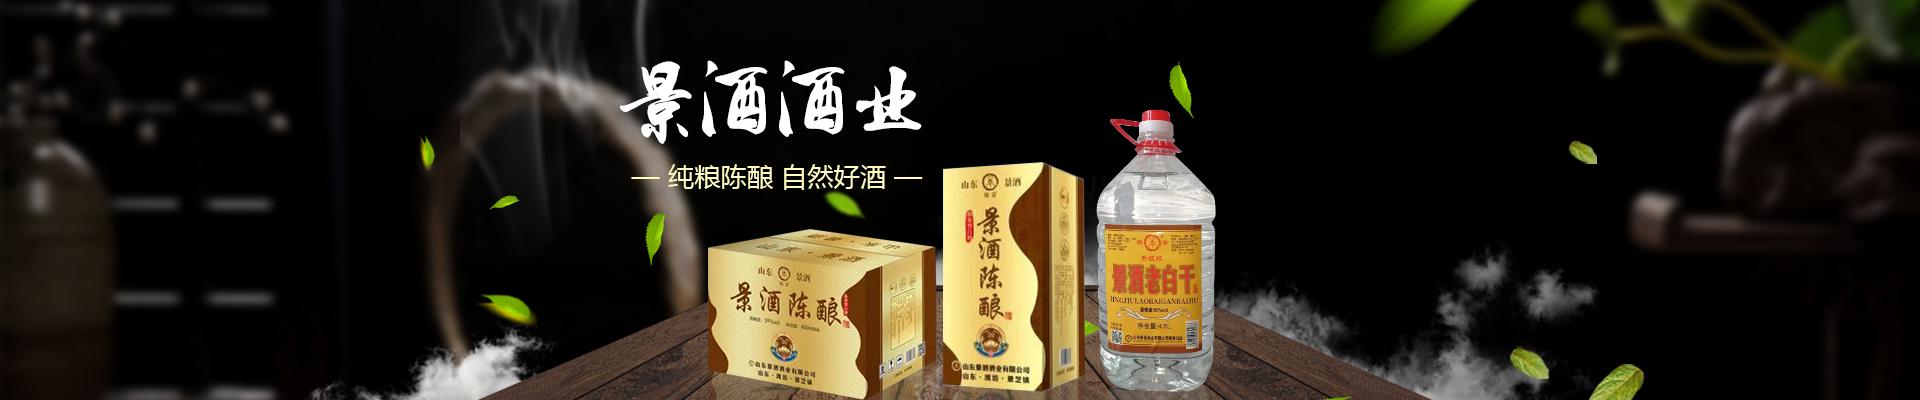 山东景酒酒业有限公司